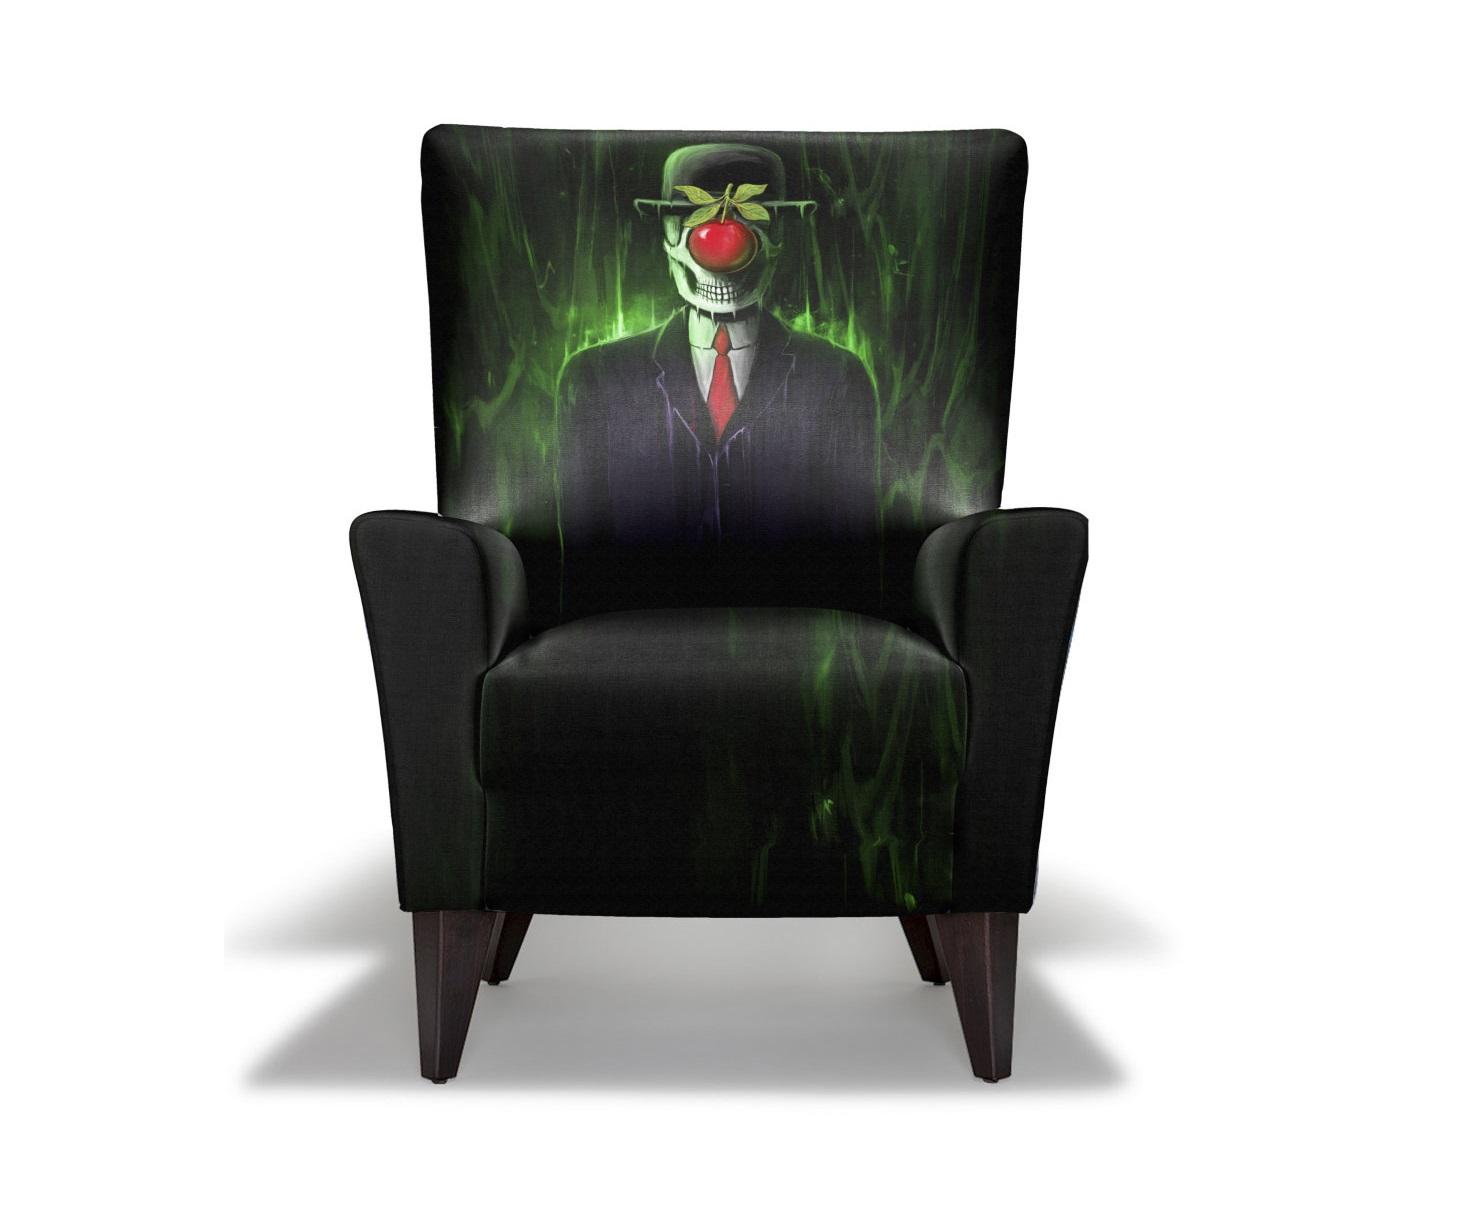 Кресло The Son Of A ManКресла с высокой спинкой<br>Уникальный дизайн. Кресло с принтом братьев Фрэнсиса и Лоуренса Миноза, художники, из Филиппин. Они начали свой путь в 2008 и никогда не прекращали творить с тех пор. Большое разнообразие иллюстраций и визуальных образов их работ, выражены через изображение темного, мрачного сюрреализма. Произвдено из экологически чистых материалов. Каркас и ножки  - дуб. Модель представлена в ткани микровелюр – мягкий, бархатистый материал, широко используемый в качестве обивки для мебели. Обладает целым рядом замечательных свойств: отлично пропускает воздух, отталкивает пыль и долго сохраняет изначальный цвет, не протираясь и не выцветая. Высокие эксплуатационные свойства в сочетании с превосходным дизайном обеспечили микровелюру большую популярность.<br><br>Варианты исполнения: <br>По желанию возможность выбрать ткань из других коллекций. &amp;amp;nbsp;Материалы: дуб, текстиль.<br><br>Продукция изготавливается под заказ, стандартный срок производства 3-4 недели.&amp;amp;nbsp;<br><br>Material: Текстиль<br>Length см: None<br>Width см: 80<br>Depth см: 78<br>Height см: 110